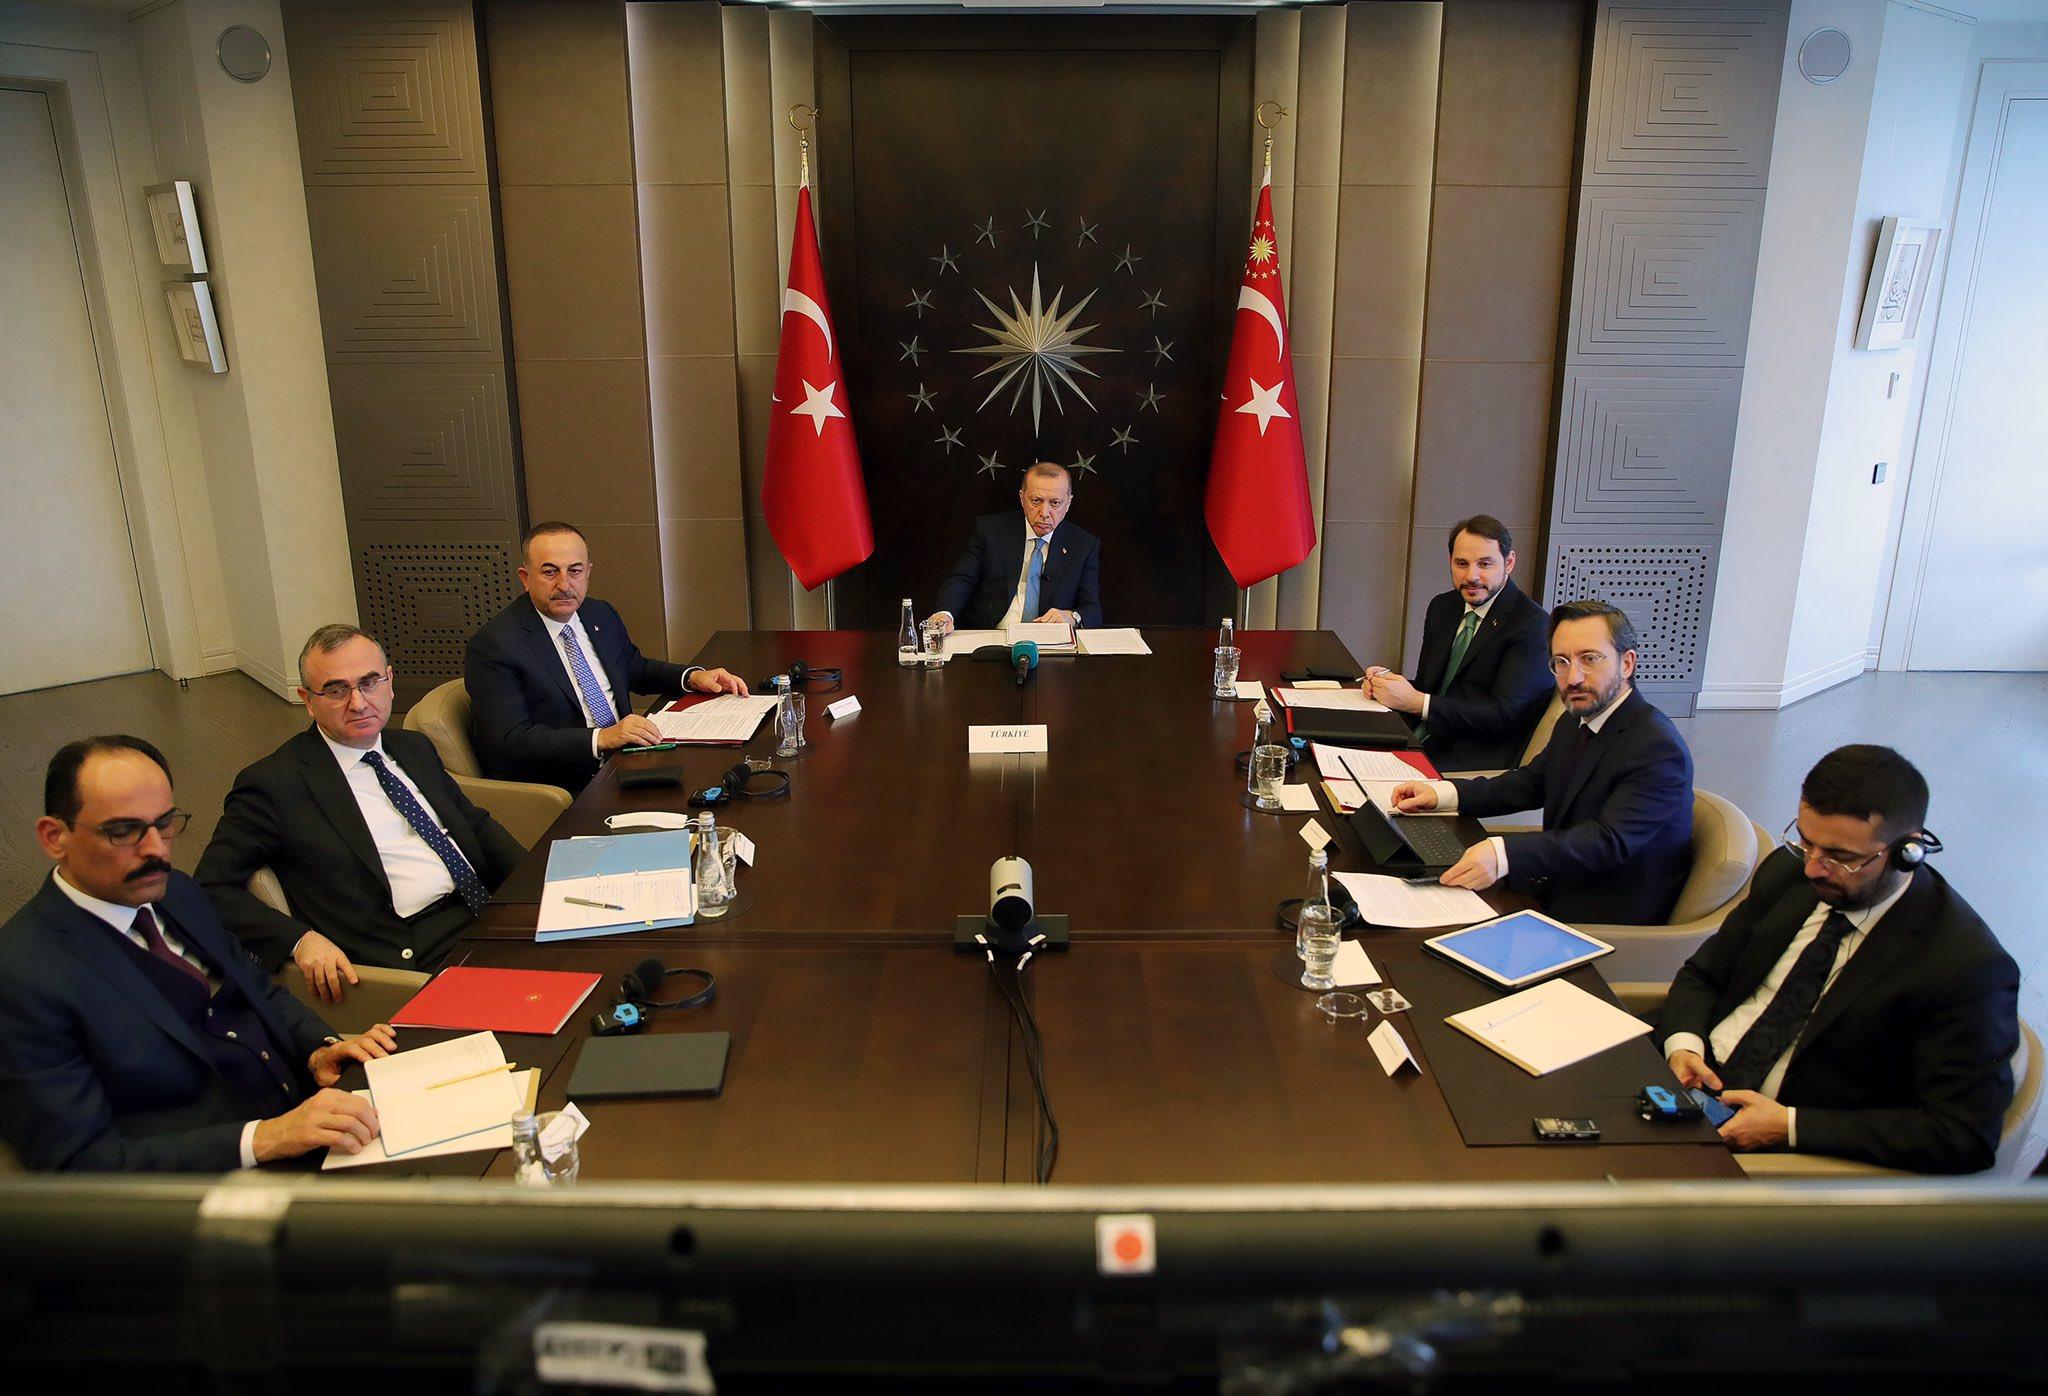 Cumhurbaşkanı Erdoğan, G-20 Liderler Zirvesine katıldı